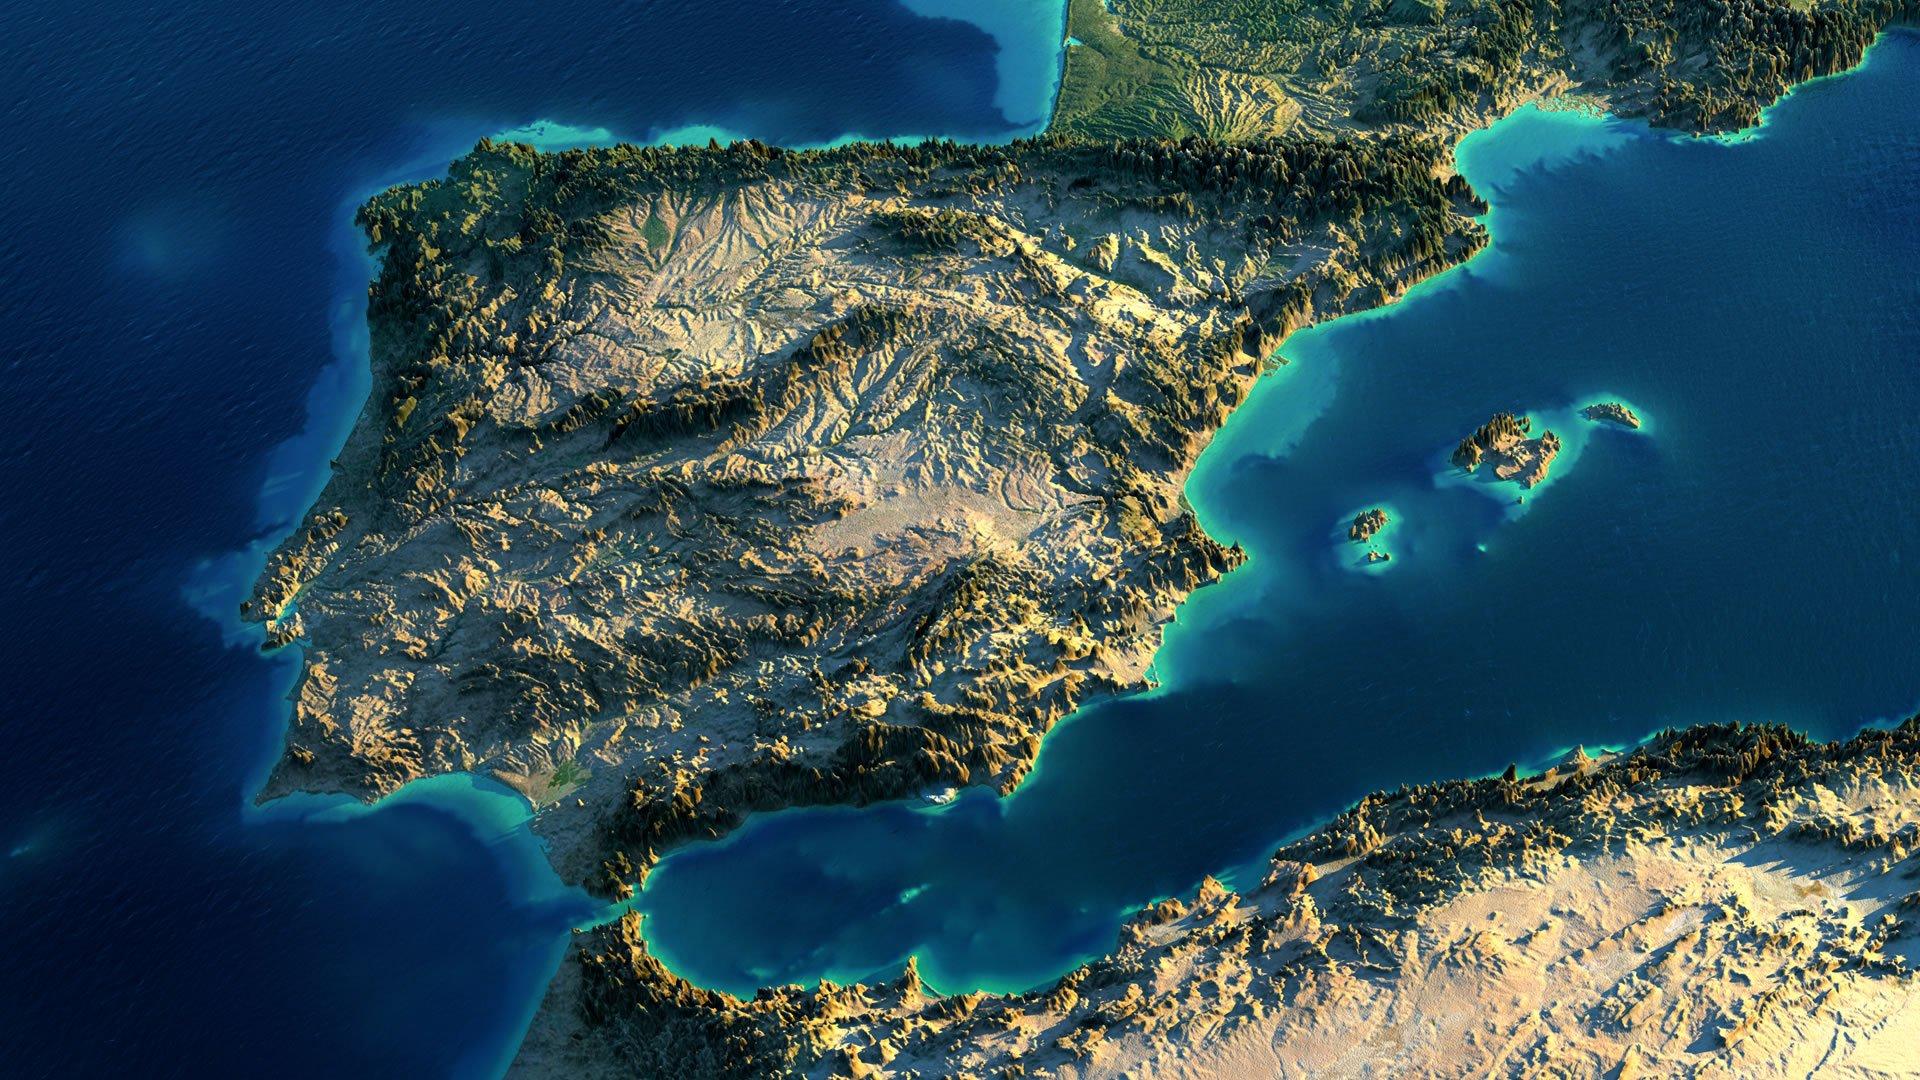 http://www.viajejet.com/wp-content/viajes/Mapa-f%C3%ADsico-de-Portugal-con-relieve-en-3D.jpg